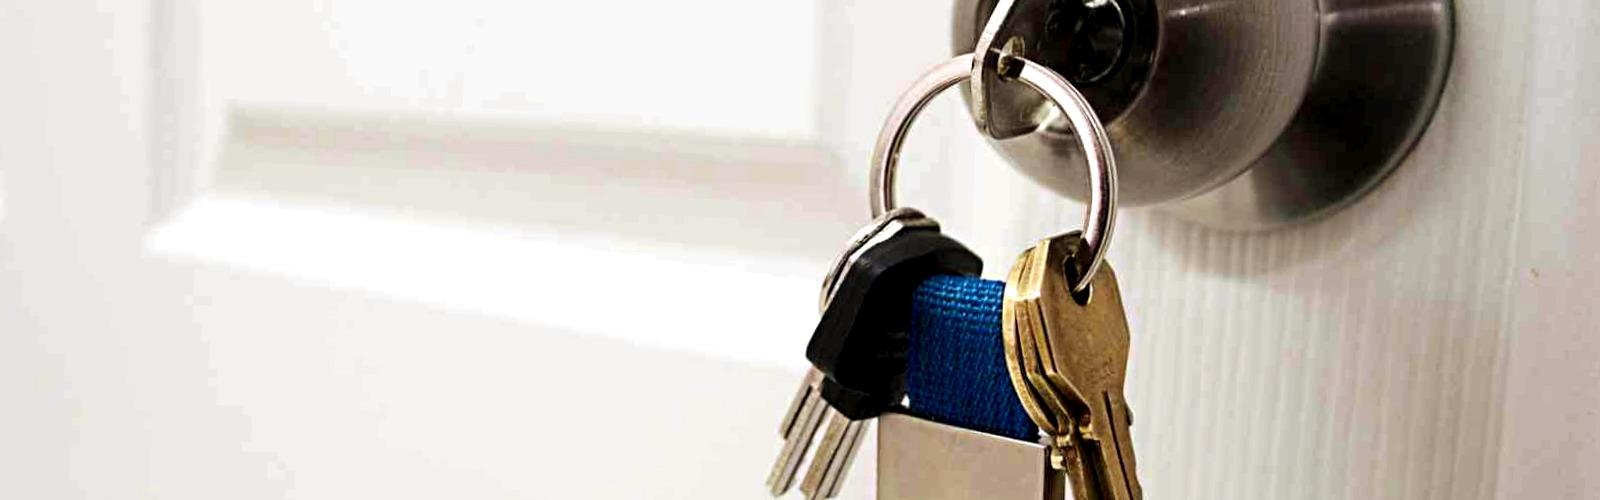 Cerrajeros CITY Lowcost Veinticuatro Hs Urgentes Rapidos Instalaciones Cerraduras